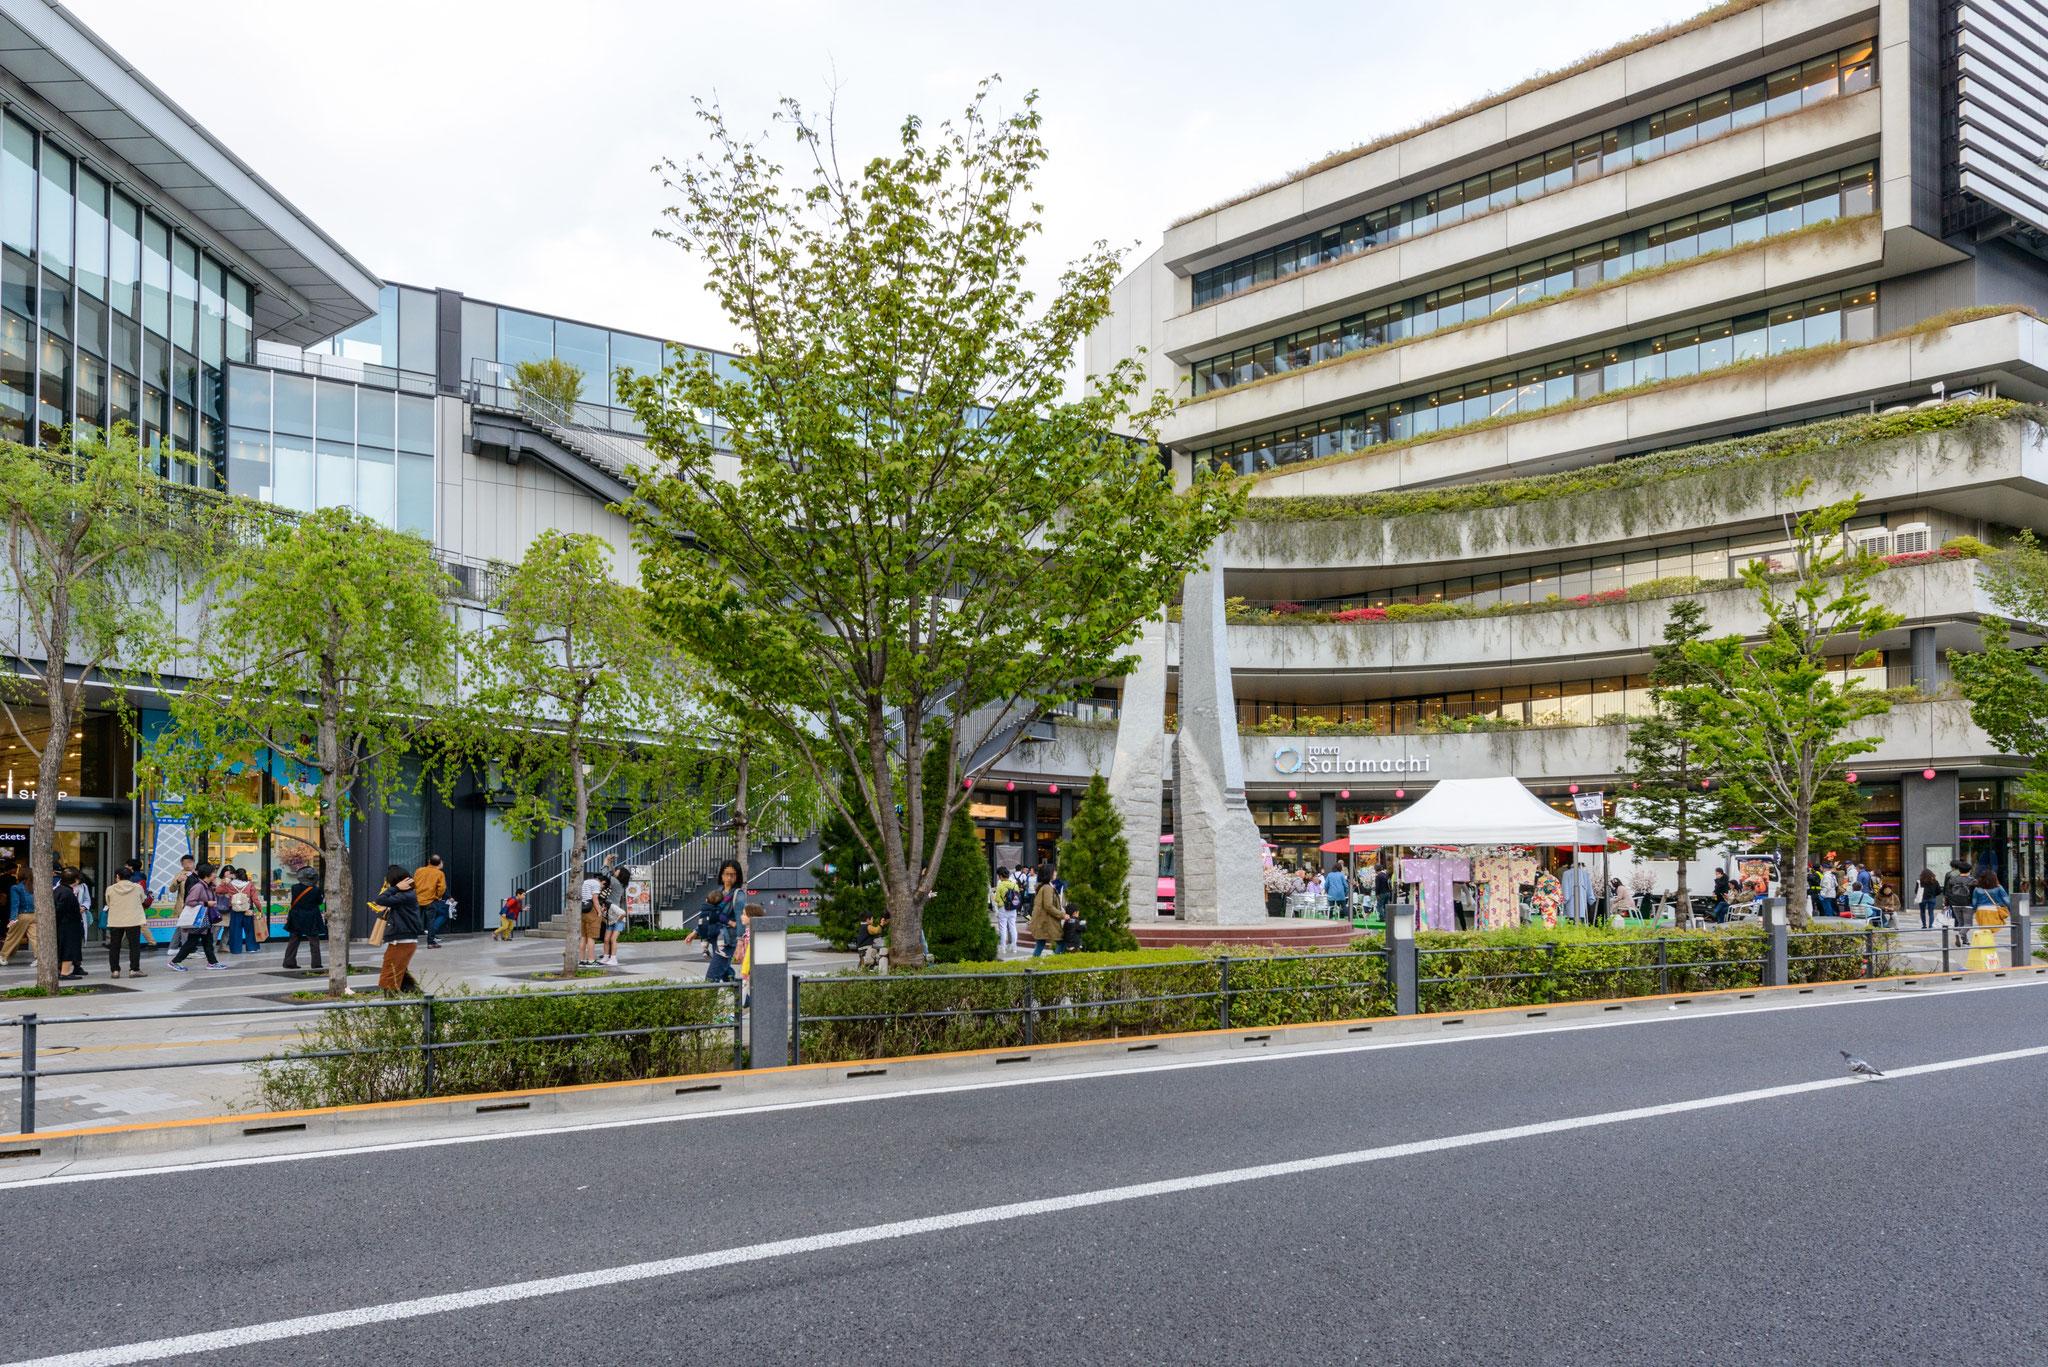 東京ソラマチの入り口(312の多彩な店舗)